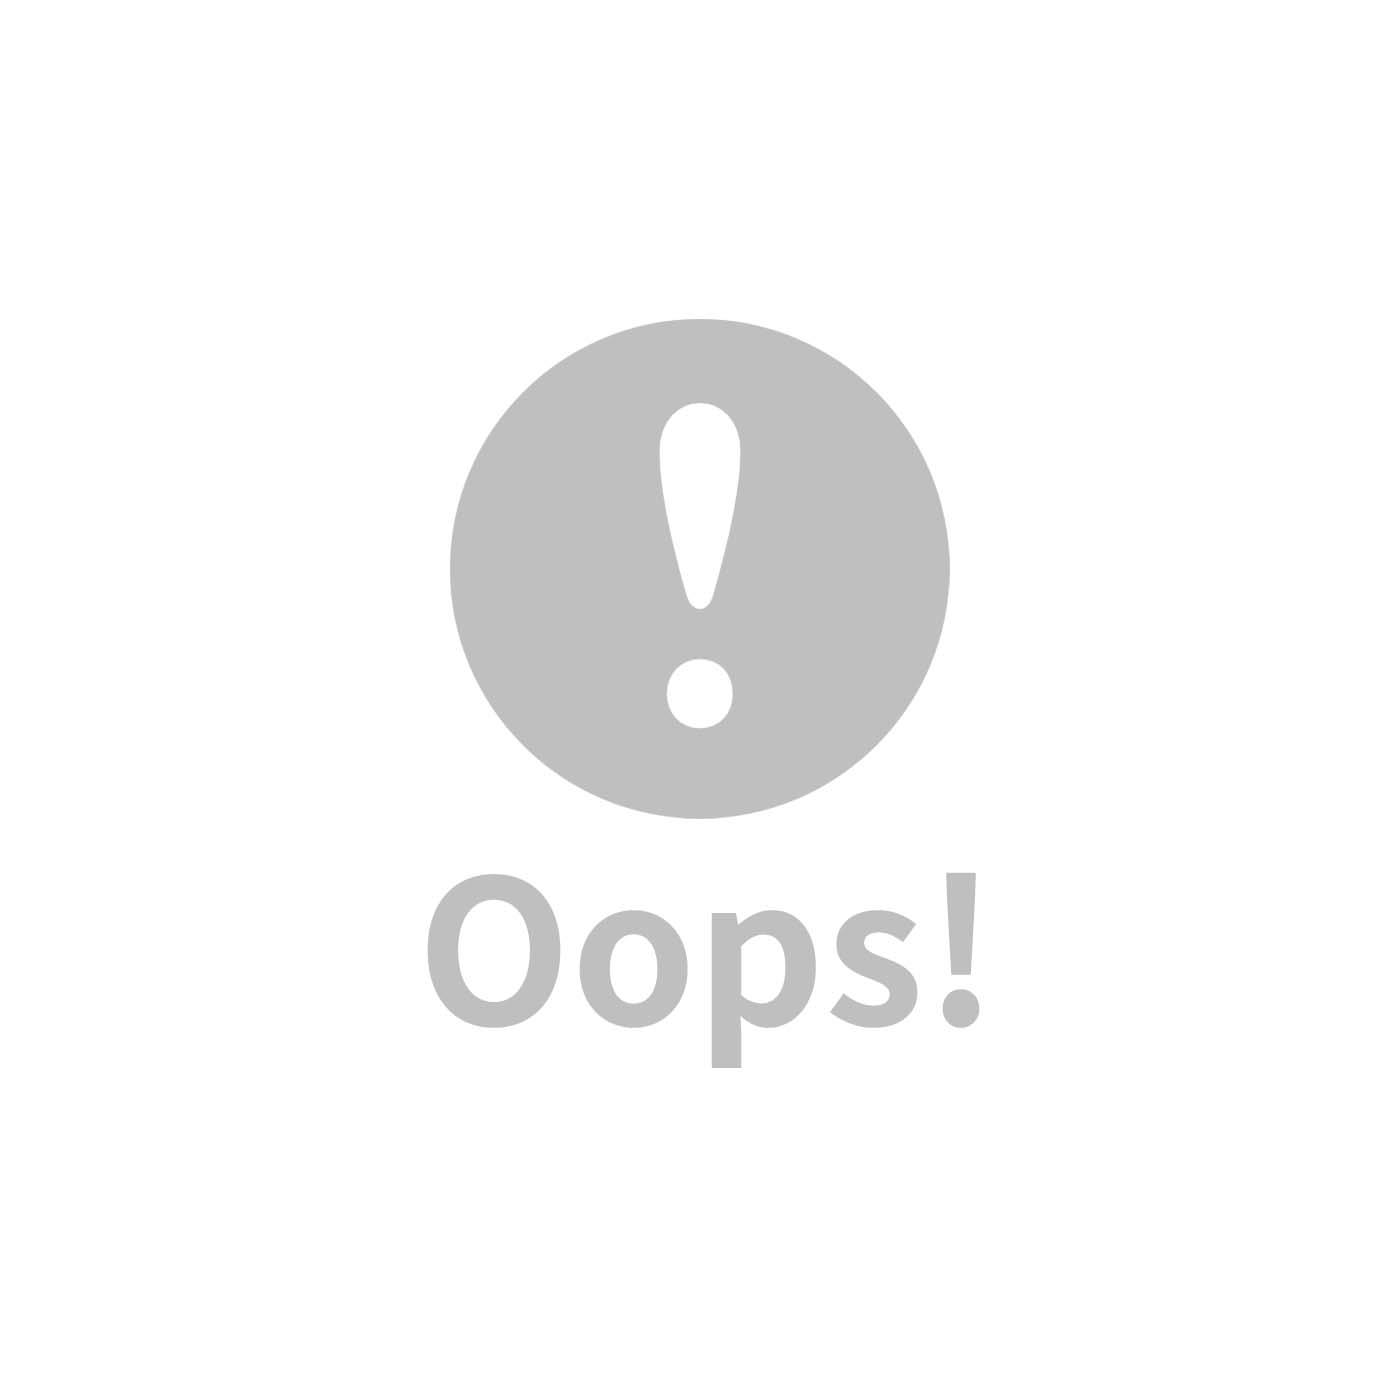 【此商品7/31出貨】La Millou 包巾-竹纖涼感巾(加大)_140x110cm-伯爵粉茶花